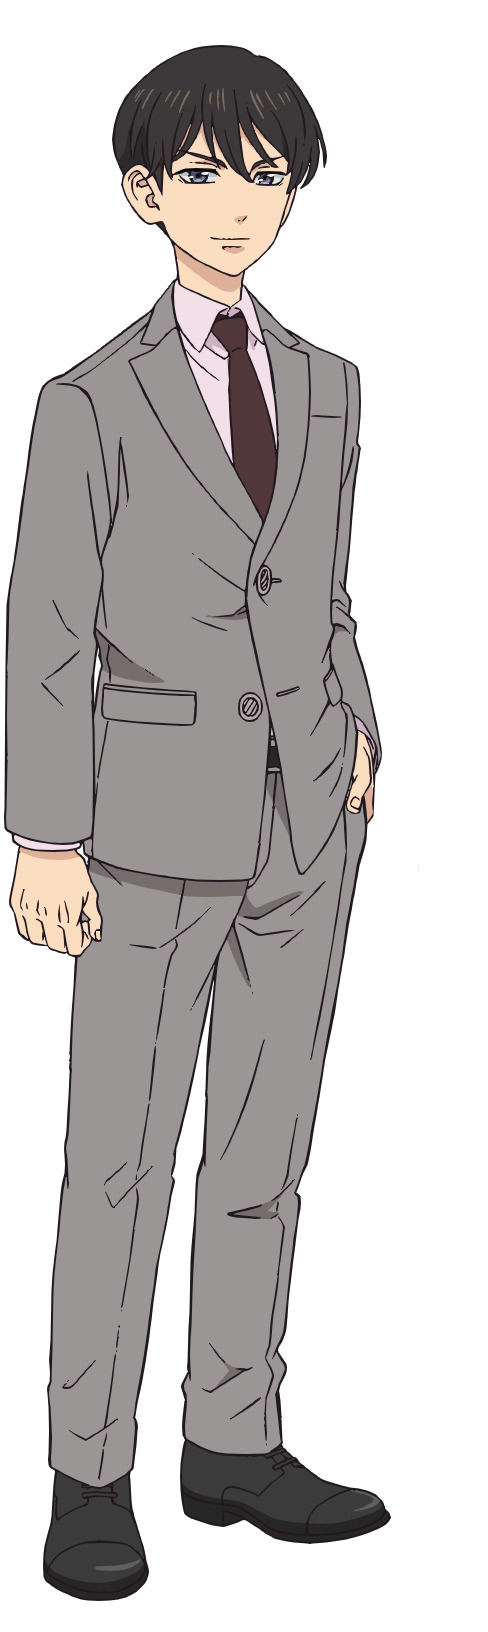 Un escenario de personajes de Naoto Tachibana del próximo anime de televisión Tokyo Revengers.